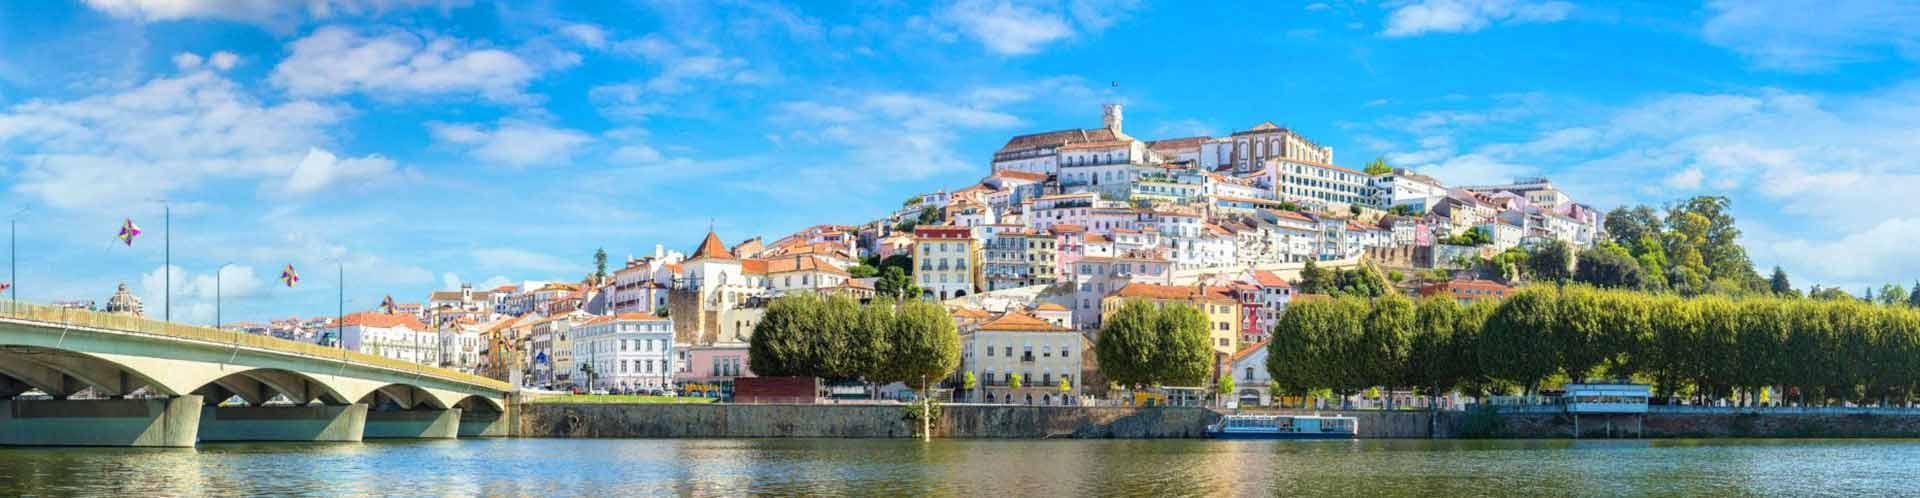 Free Tour Coímbra - Turismo de Portugal